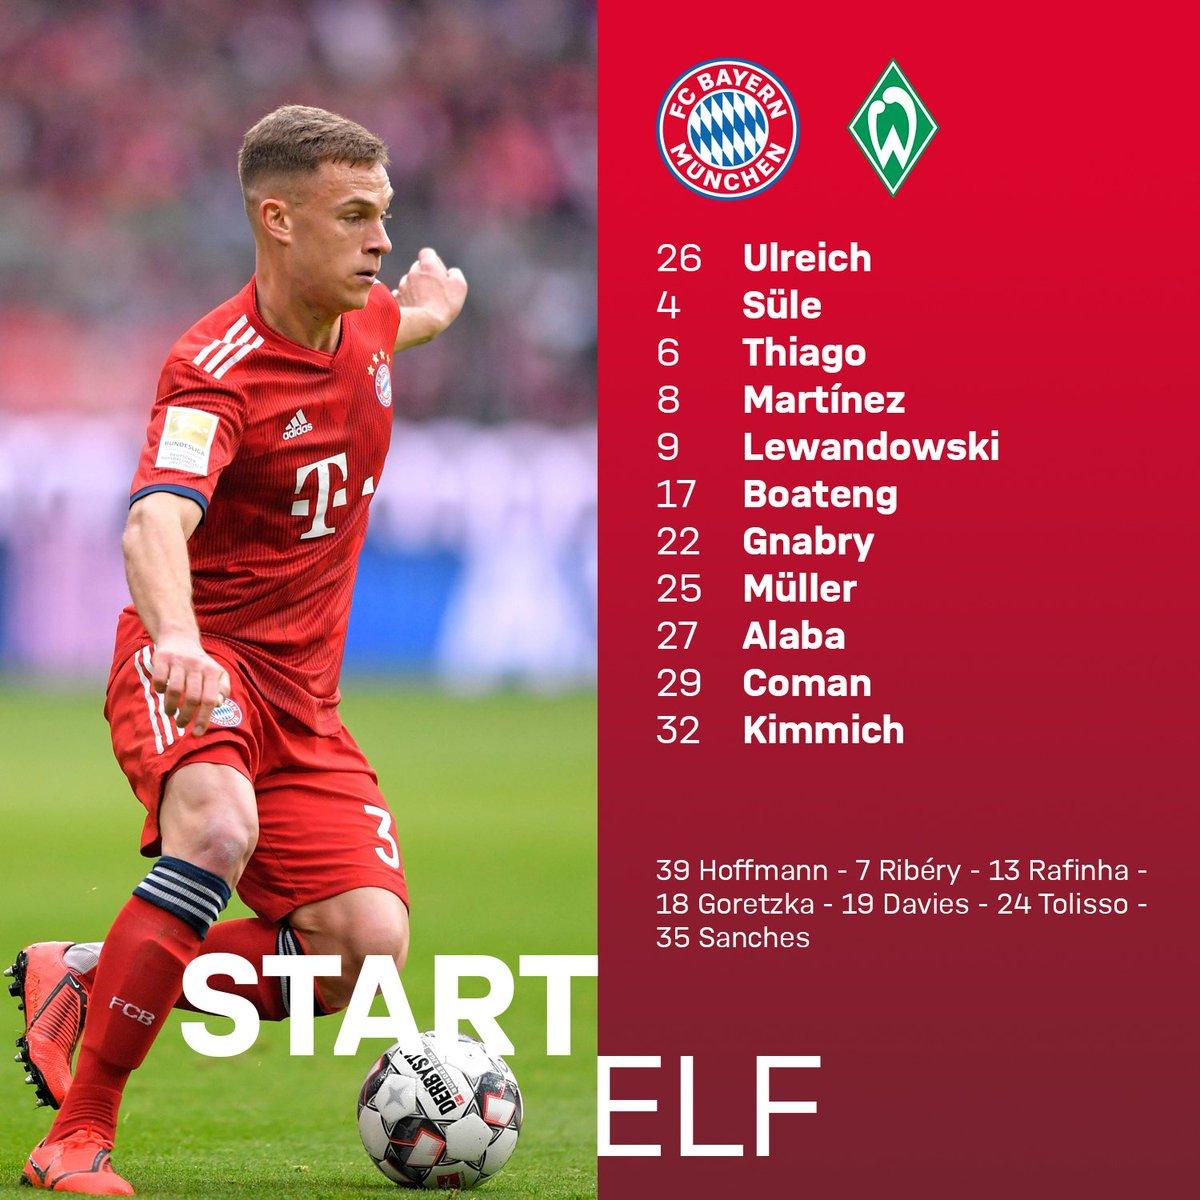 FC Bayern München's photo on aufstellung